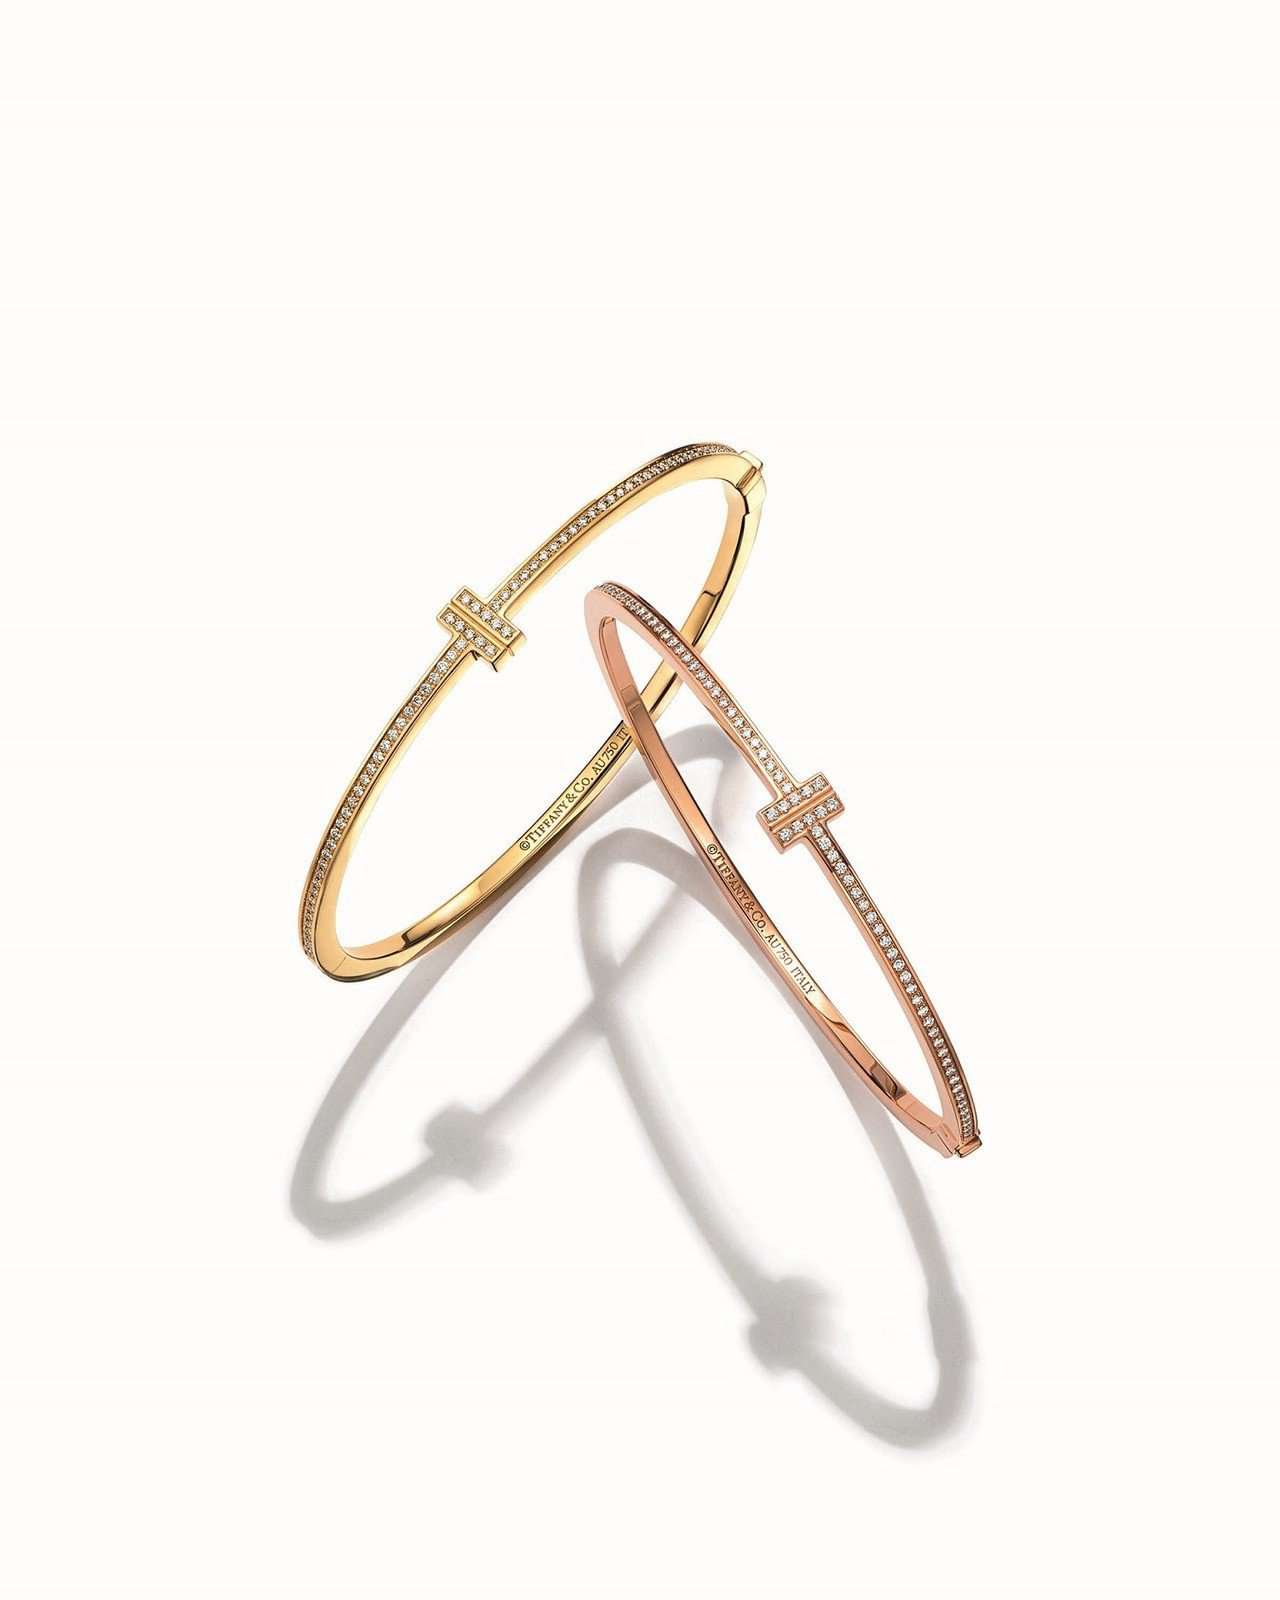 (同款推薦)Tiffany T Two 鑲鑽手環(左)18K金鑲鑽手環19萬2,...